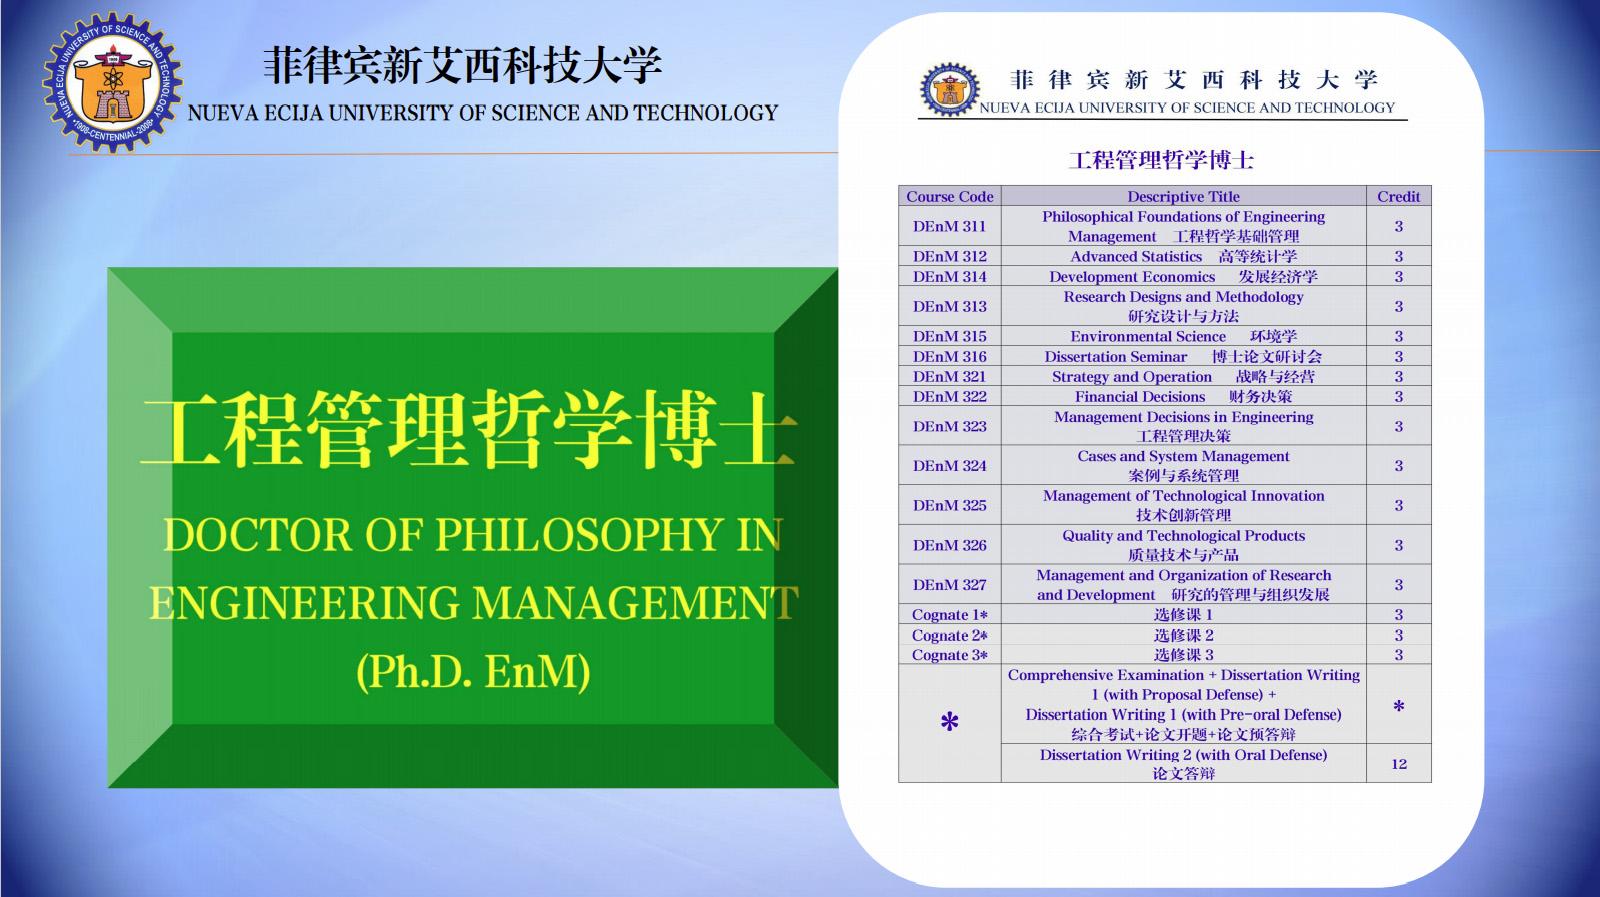 菲律宾新艾西科技大学-工程管理哲学博士